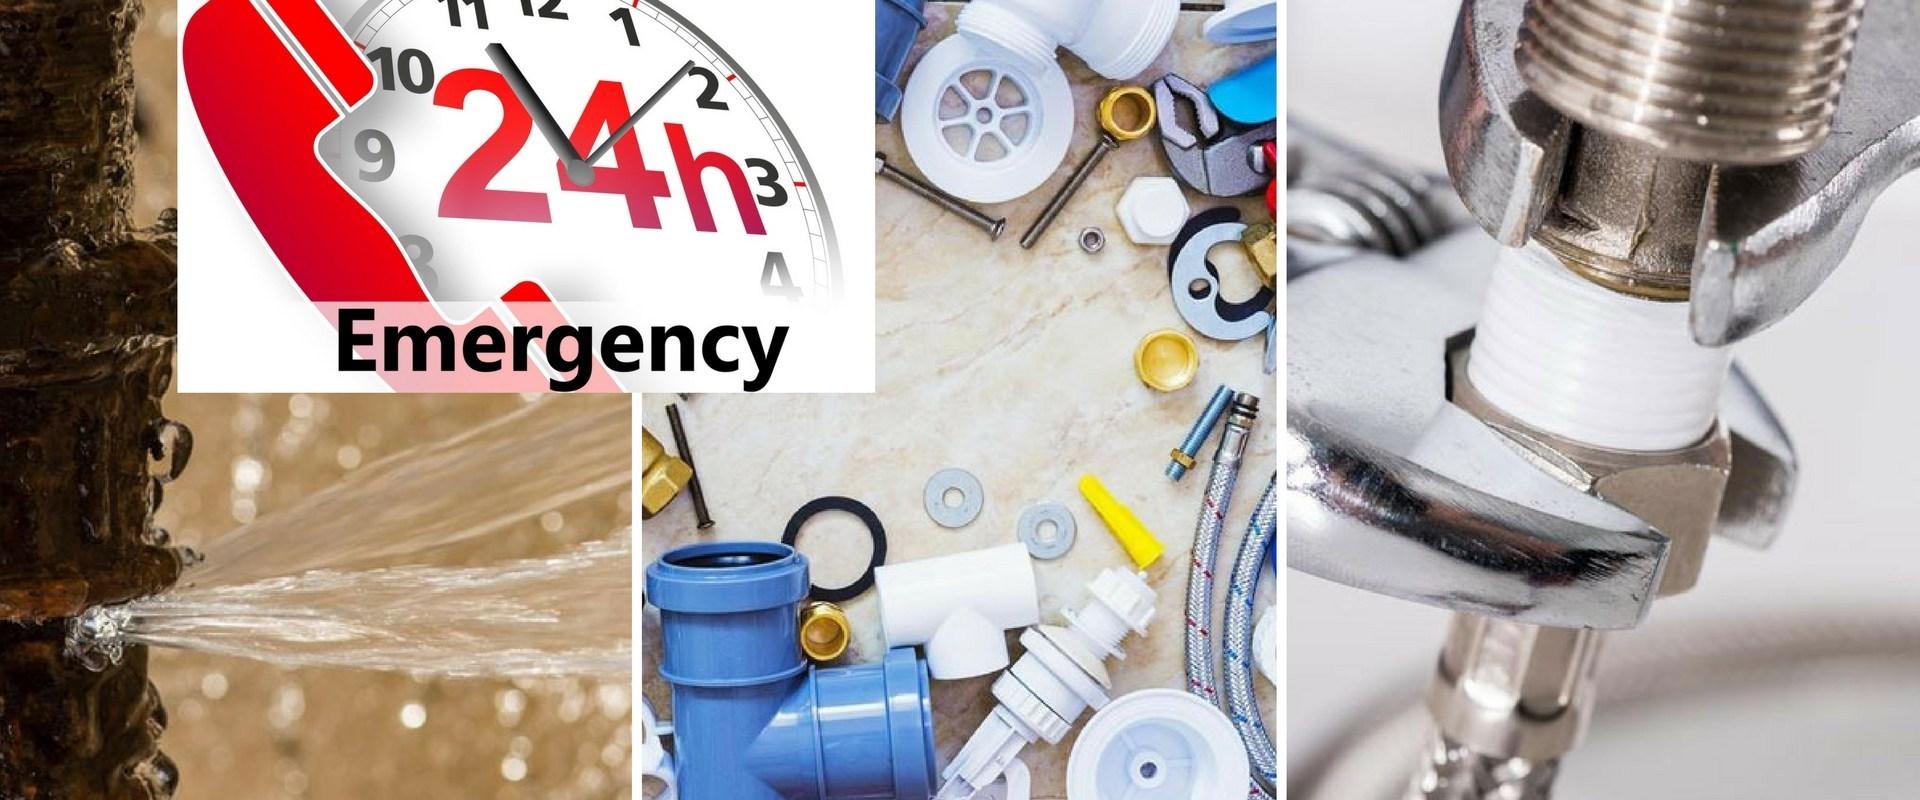 landsborough-emergency-plumbers